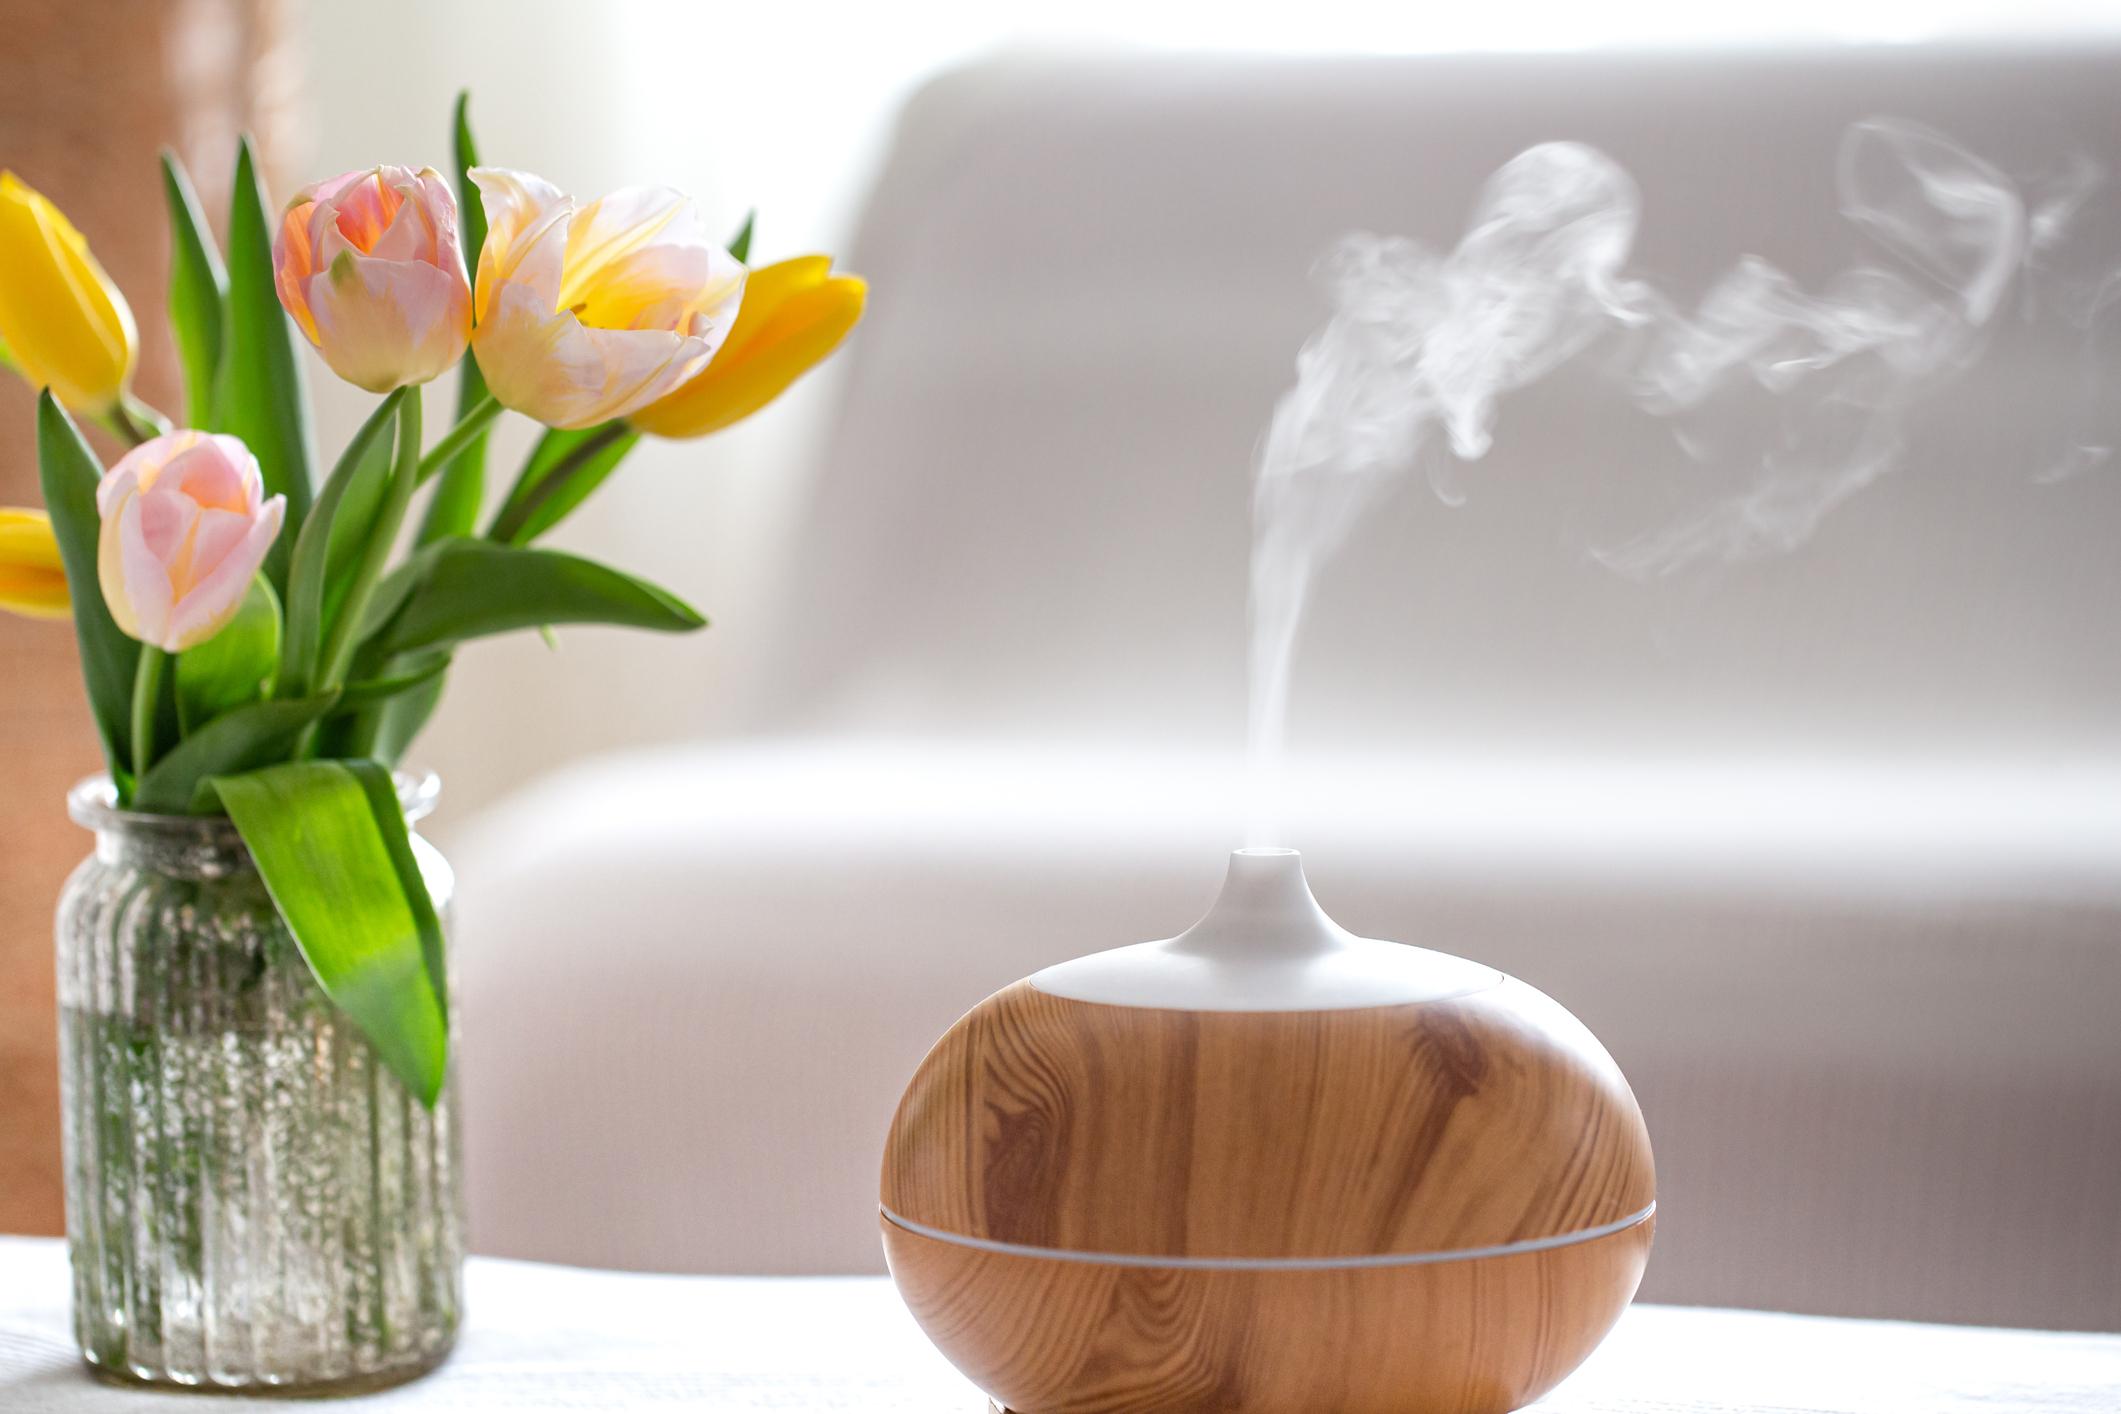 Ätherische Öle sorgen für Wohlbefinden von Körper, Geist und Seele. Bild: Getty Images / puhimec